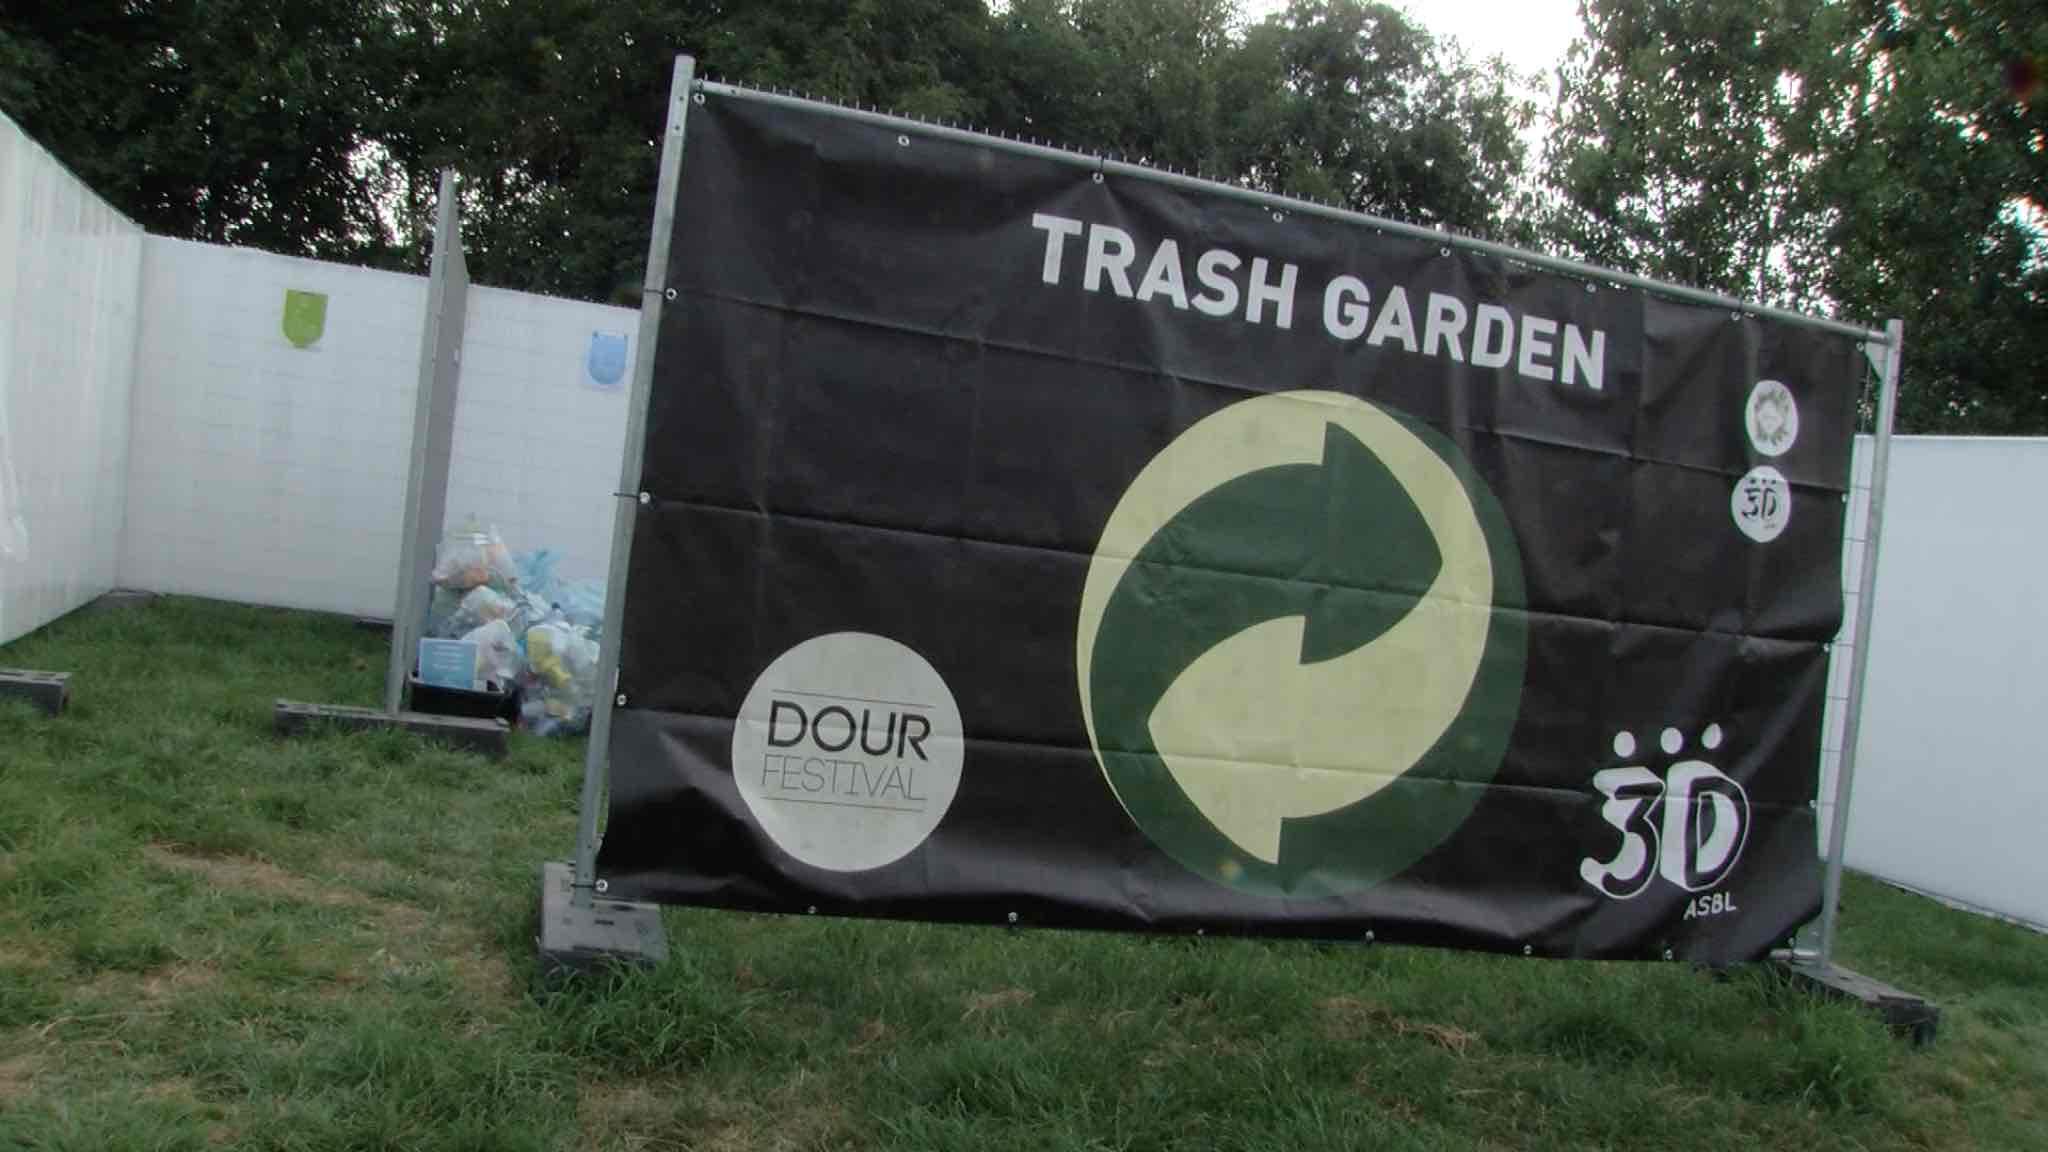 La vie en vert de nos locaux au Green Camping du Festival de Dour